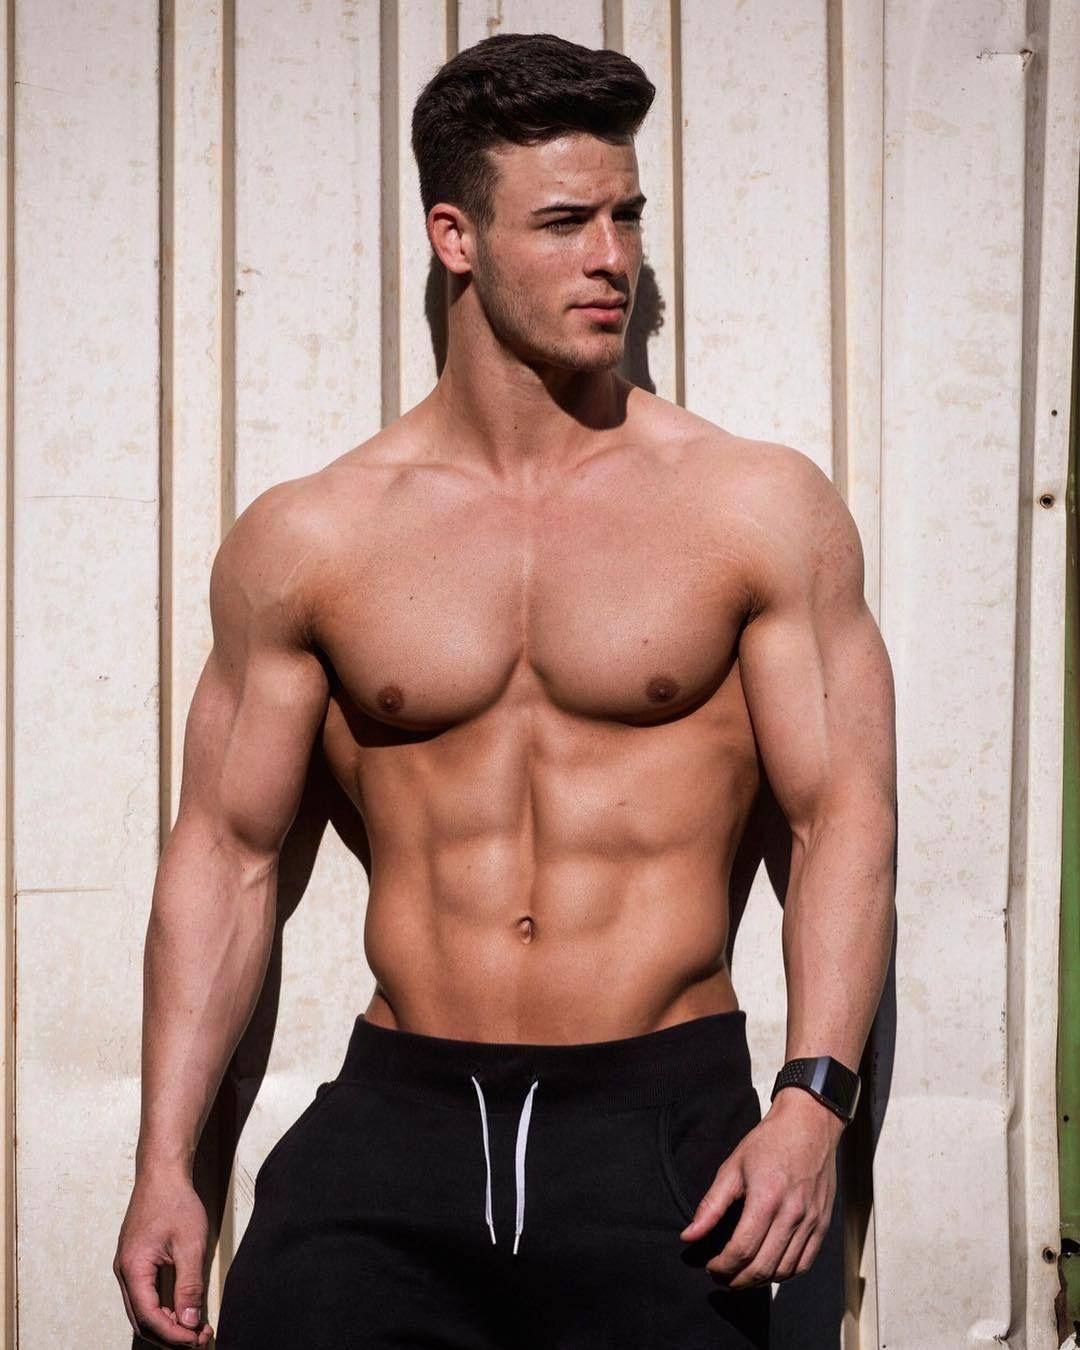 Мужчины с накаченными телами фото